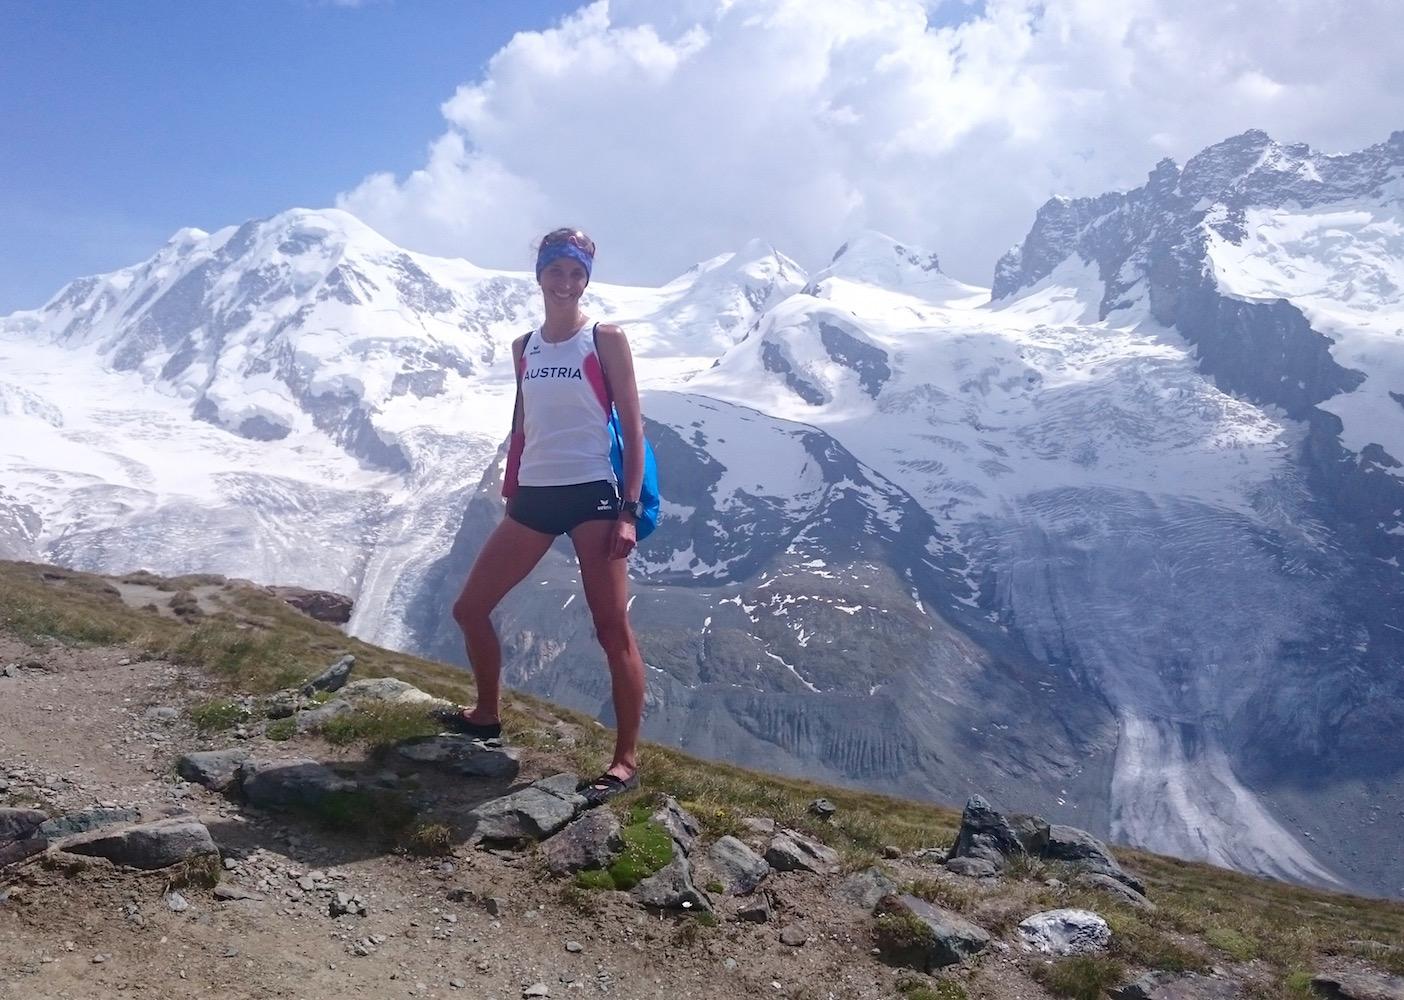 Entspannen nach der Langdistanzweltmesiterschaft Zermattmarathon © privat